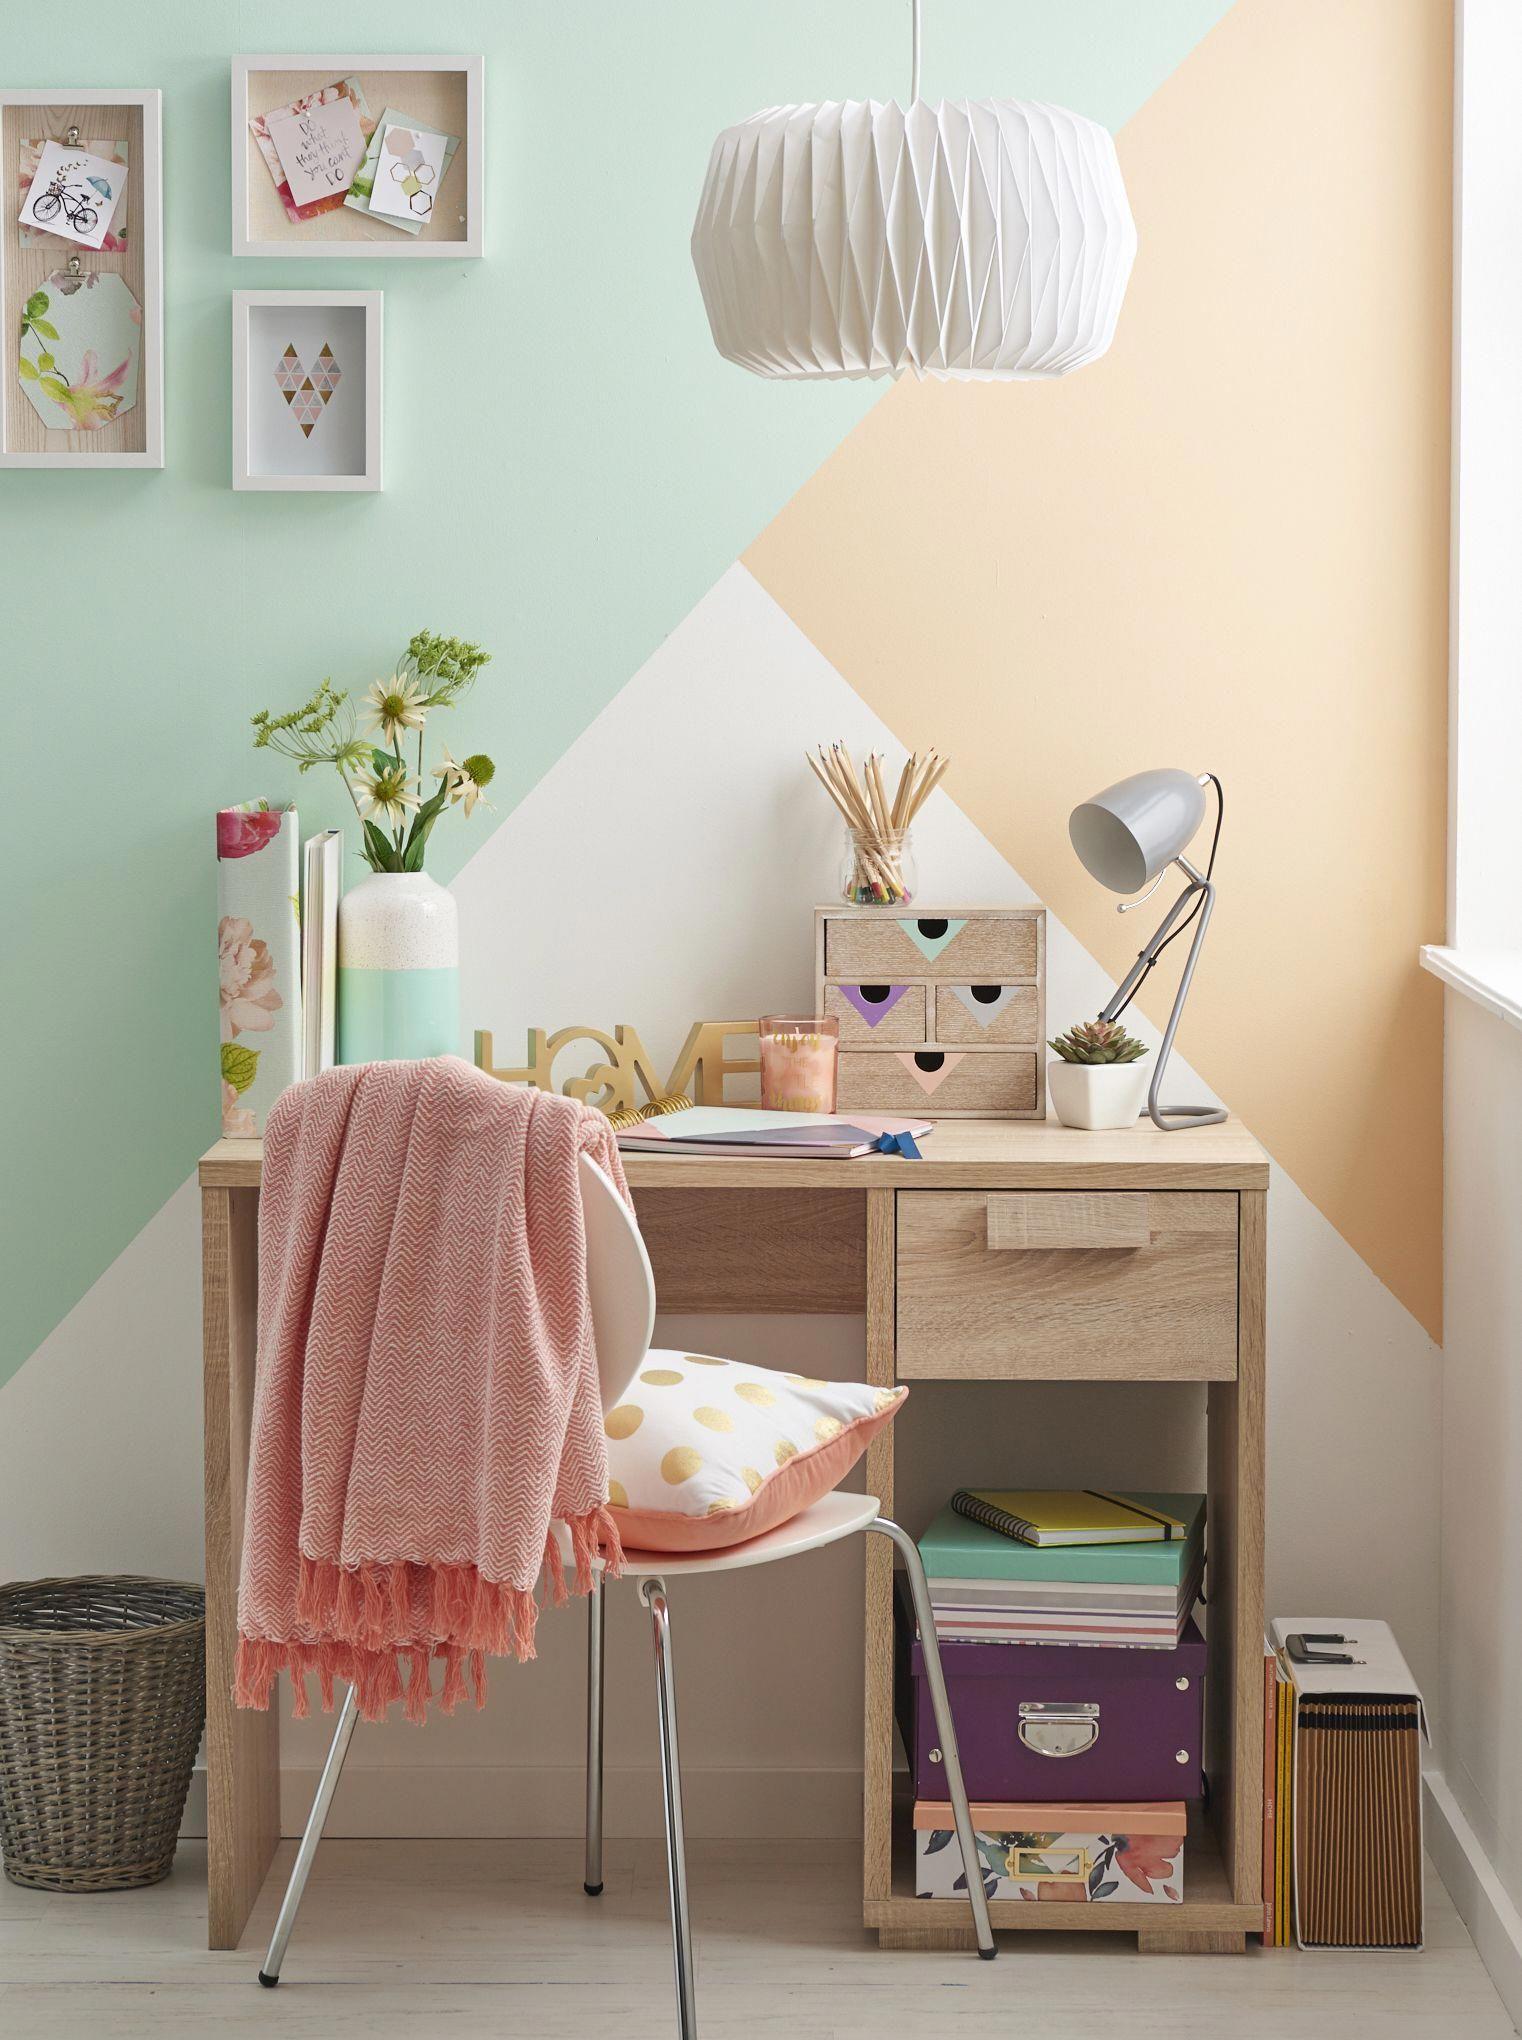 Paint colour schemes for kids' bedrooms: 15 bright ideas ...